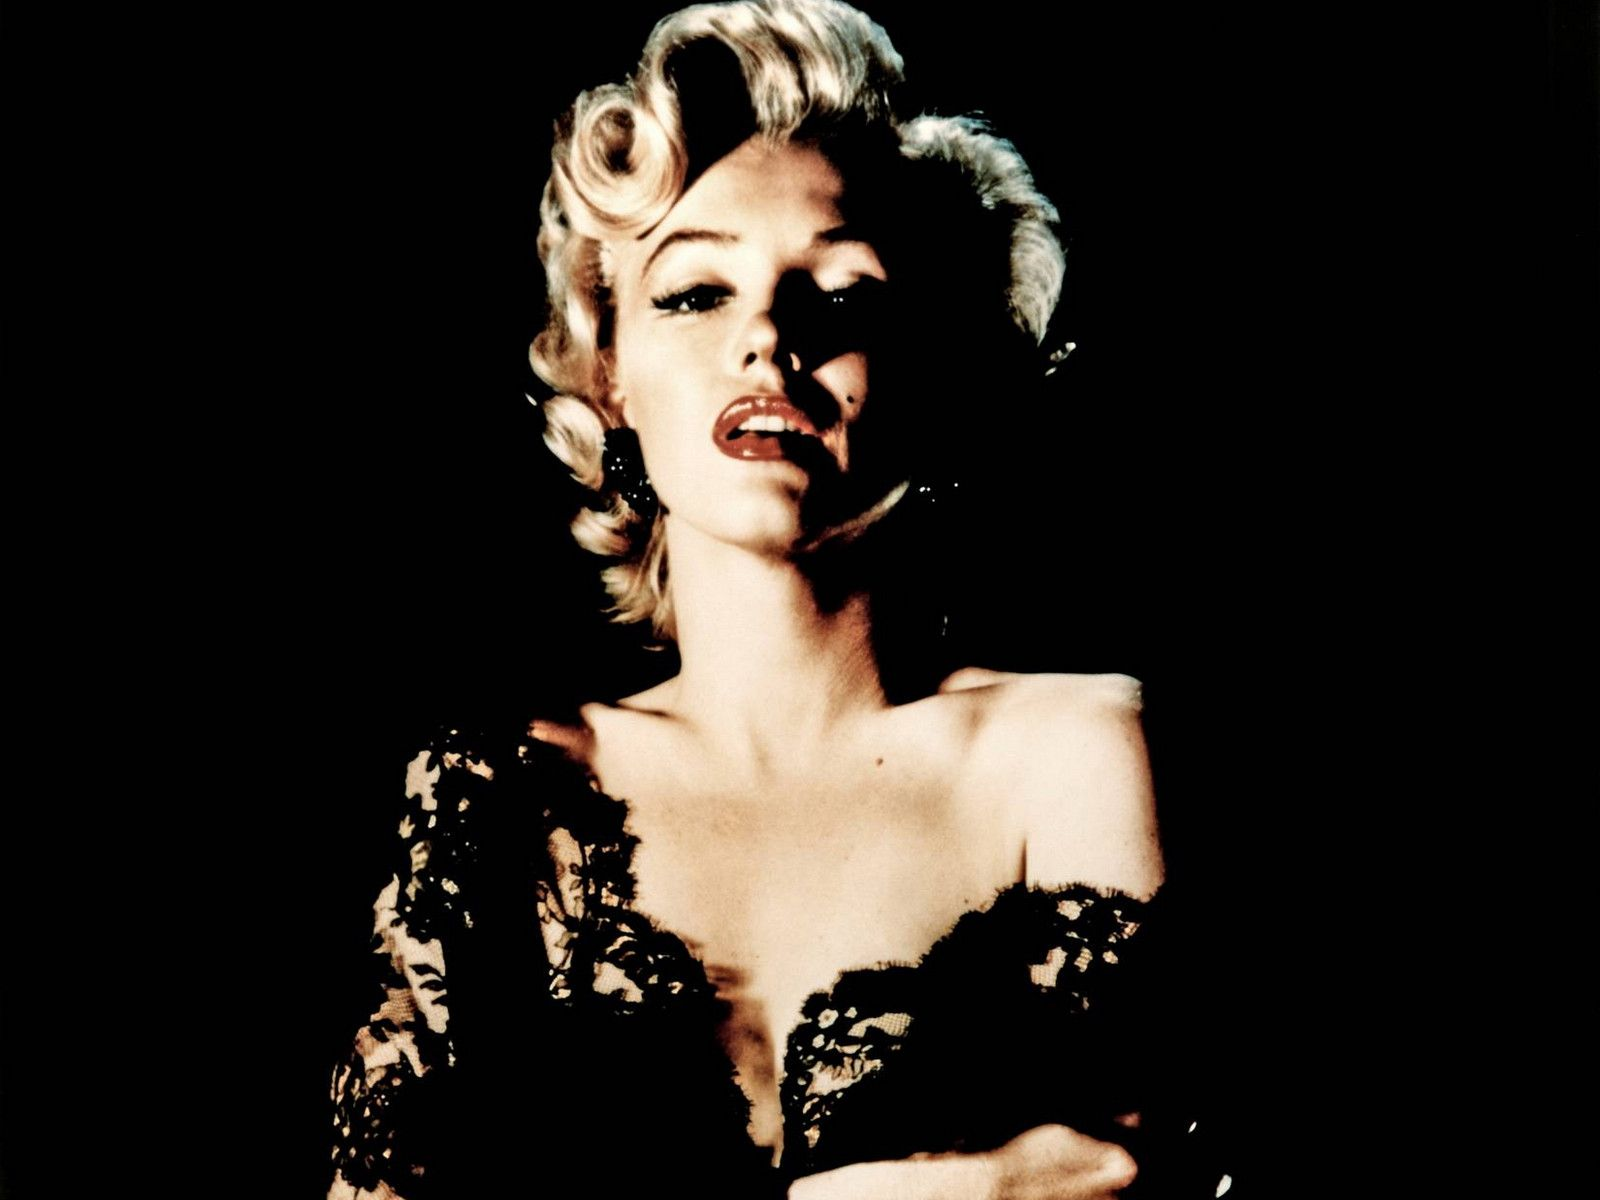 Marilyn Monroe Wallpapers Wallpaper 1280x1024 40